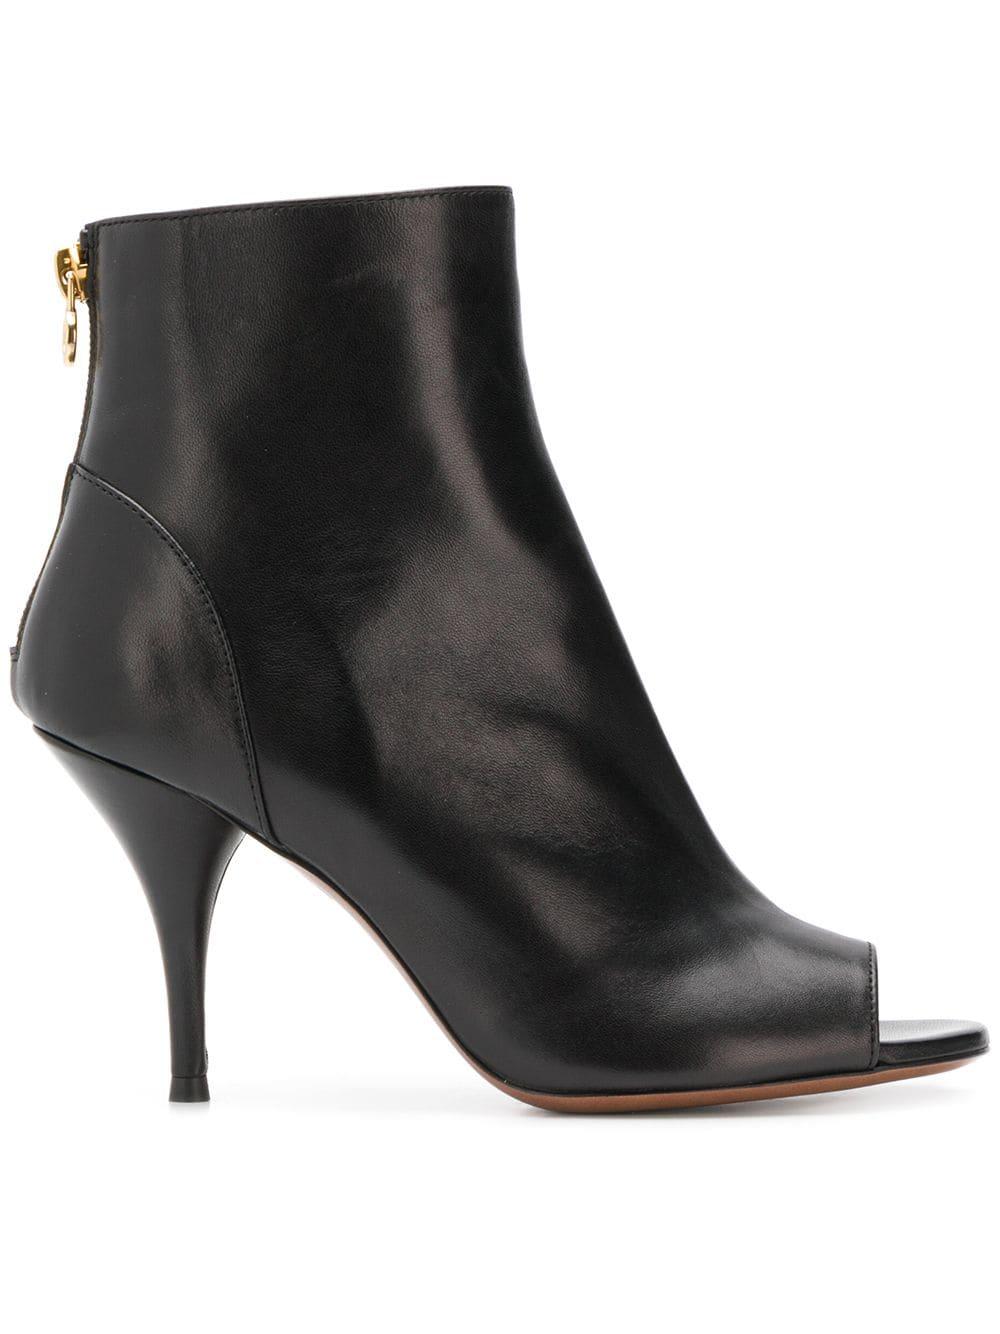 L'Autre Chose peep-toe ankle boots - Black